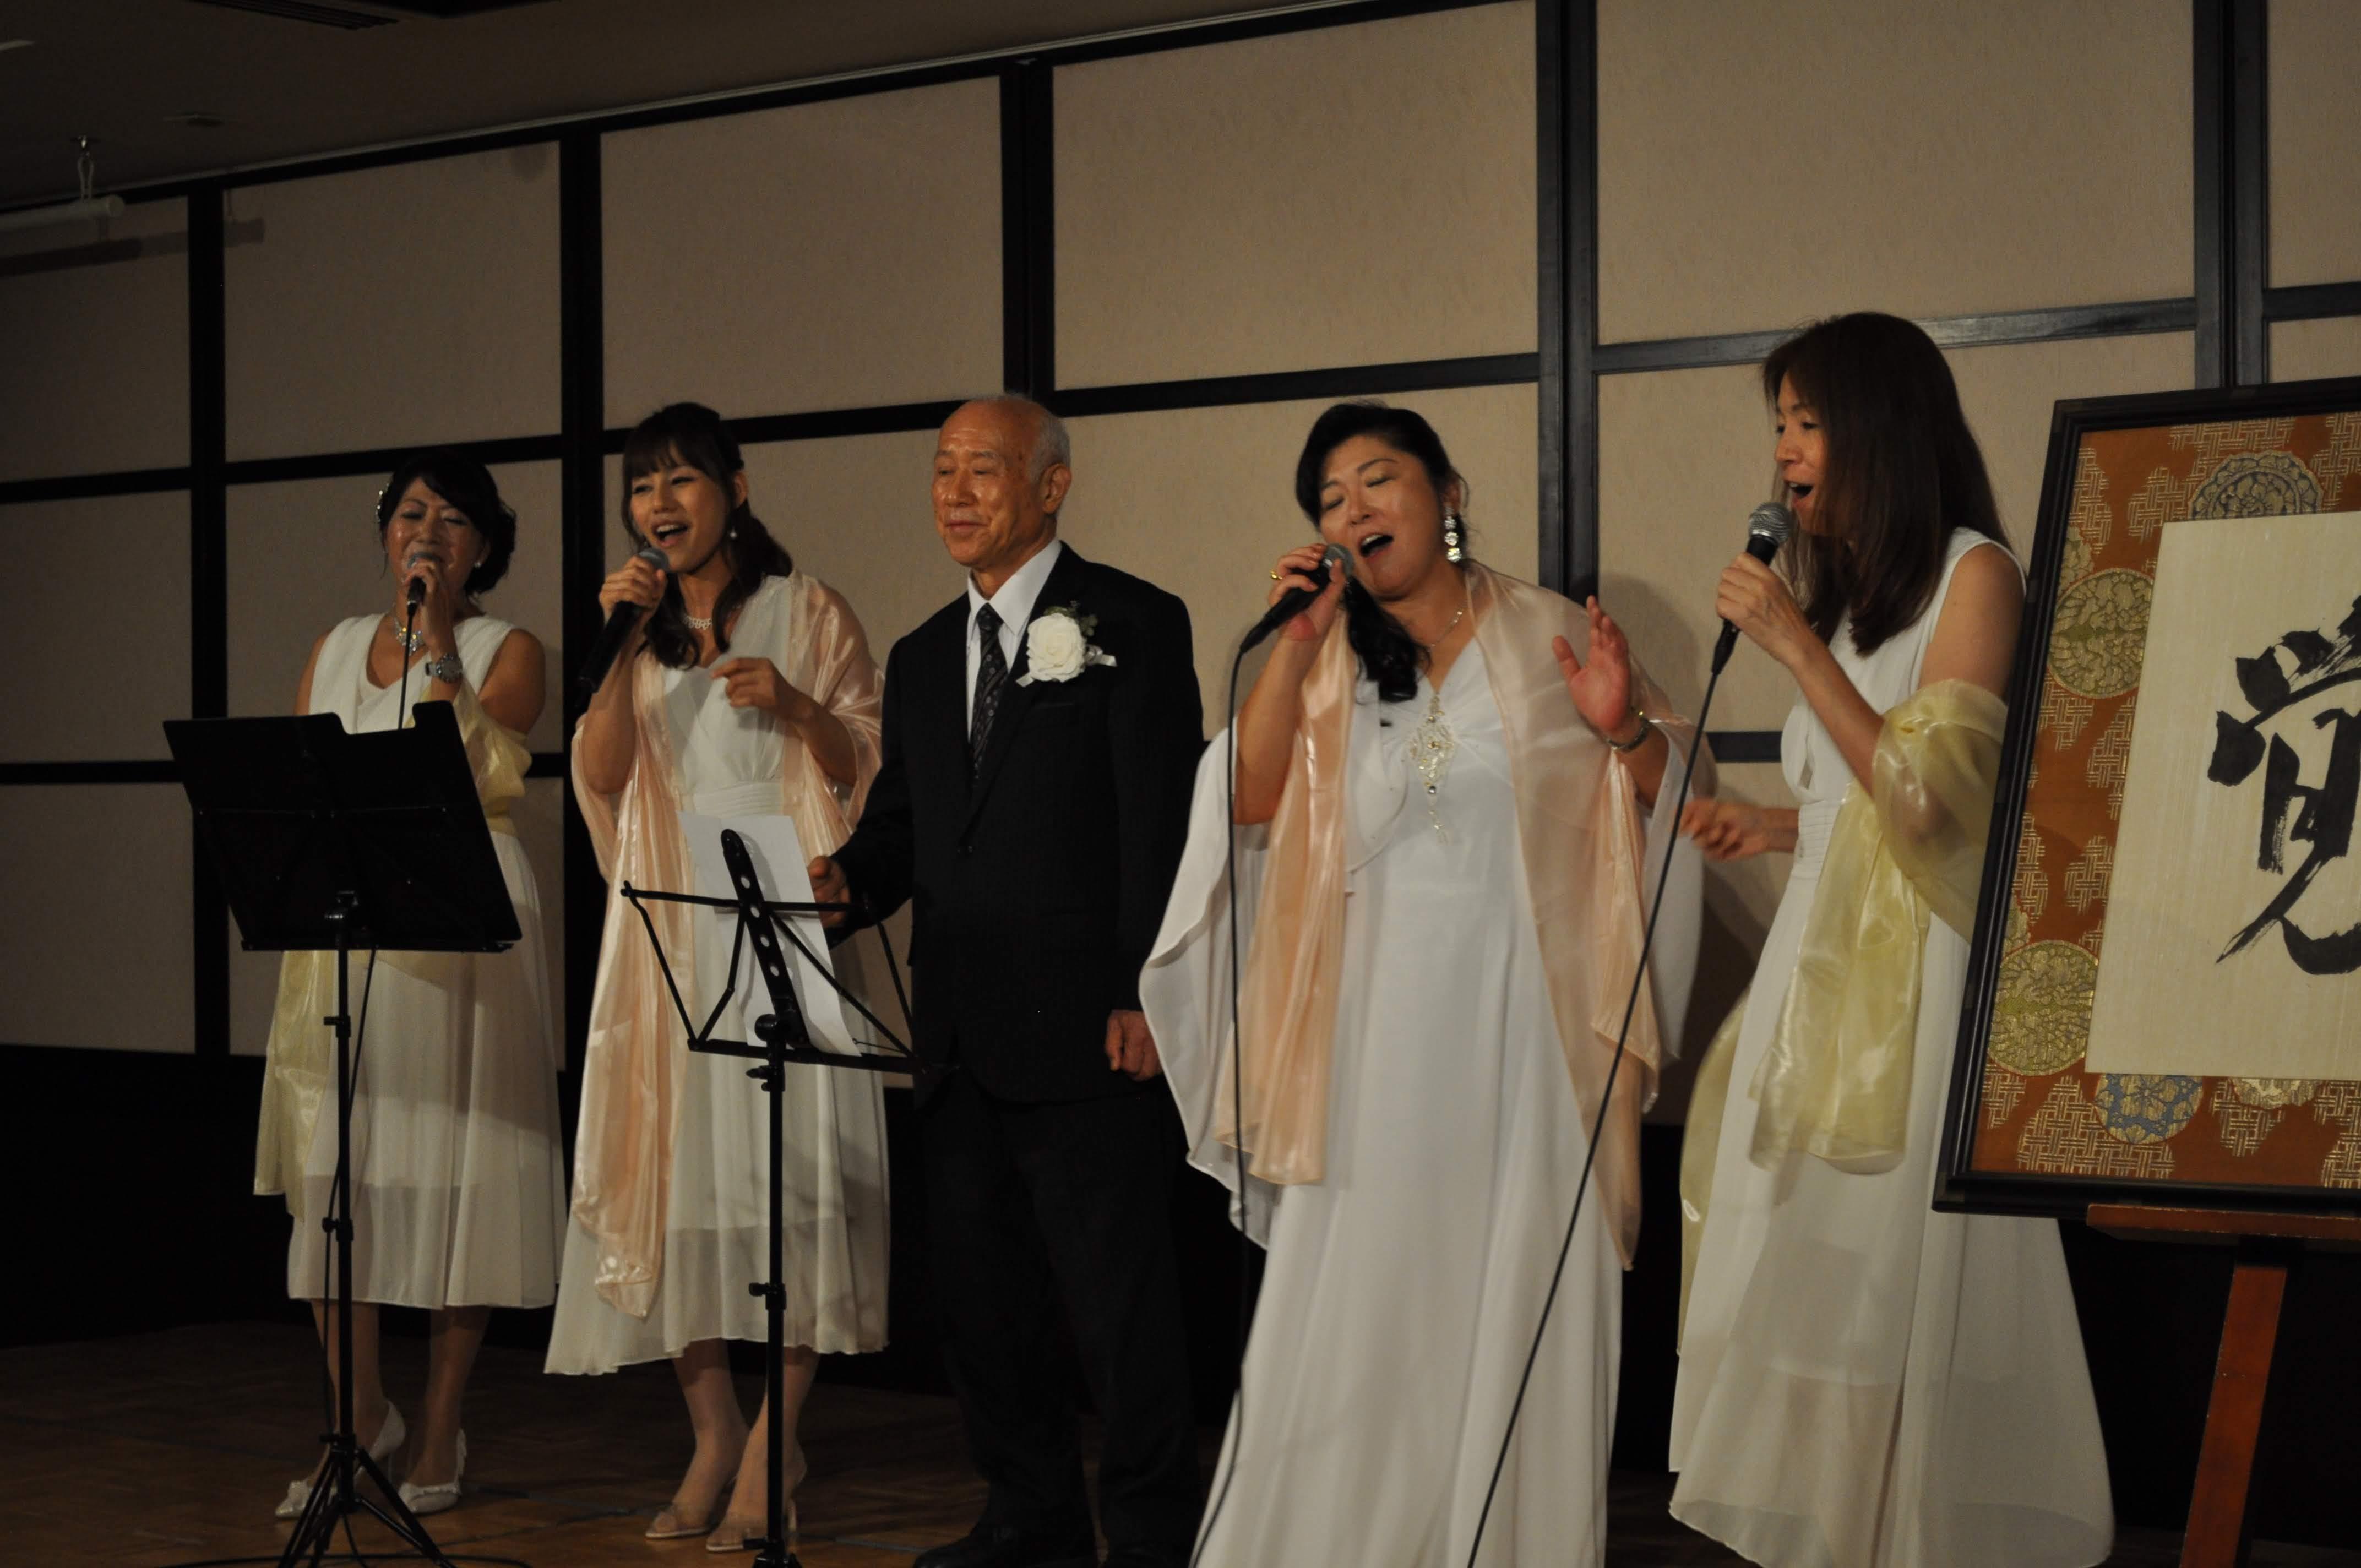 DSC 0528 1 - 思風会全国大会in広島